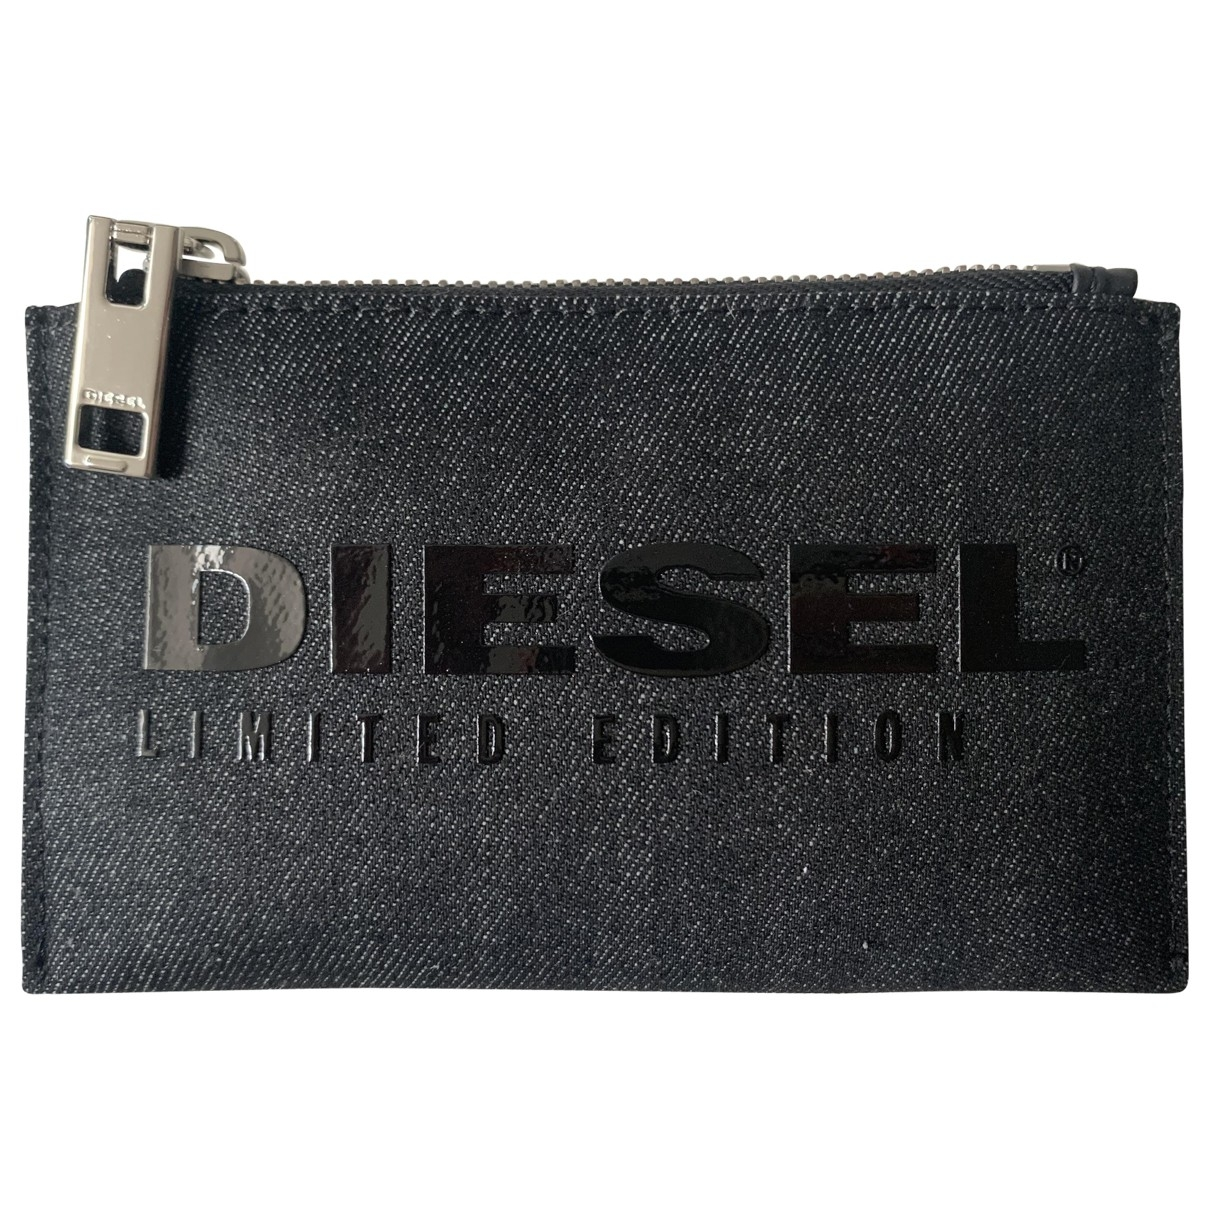 Diesel - Petite maroquinerie   pour homme en denim - noir